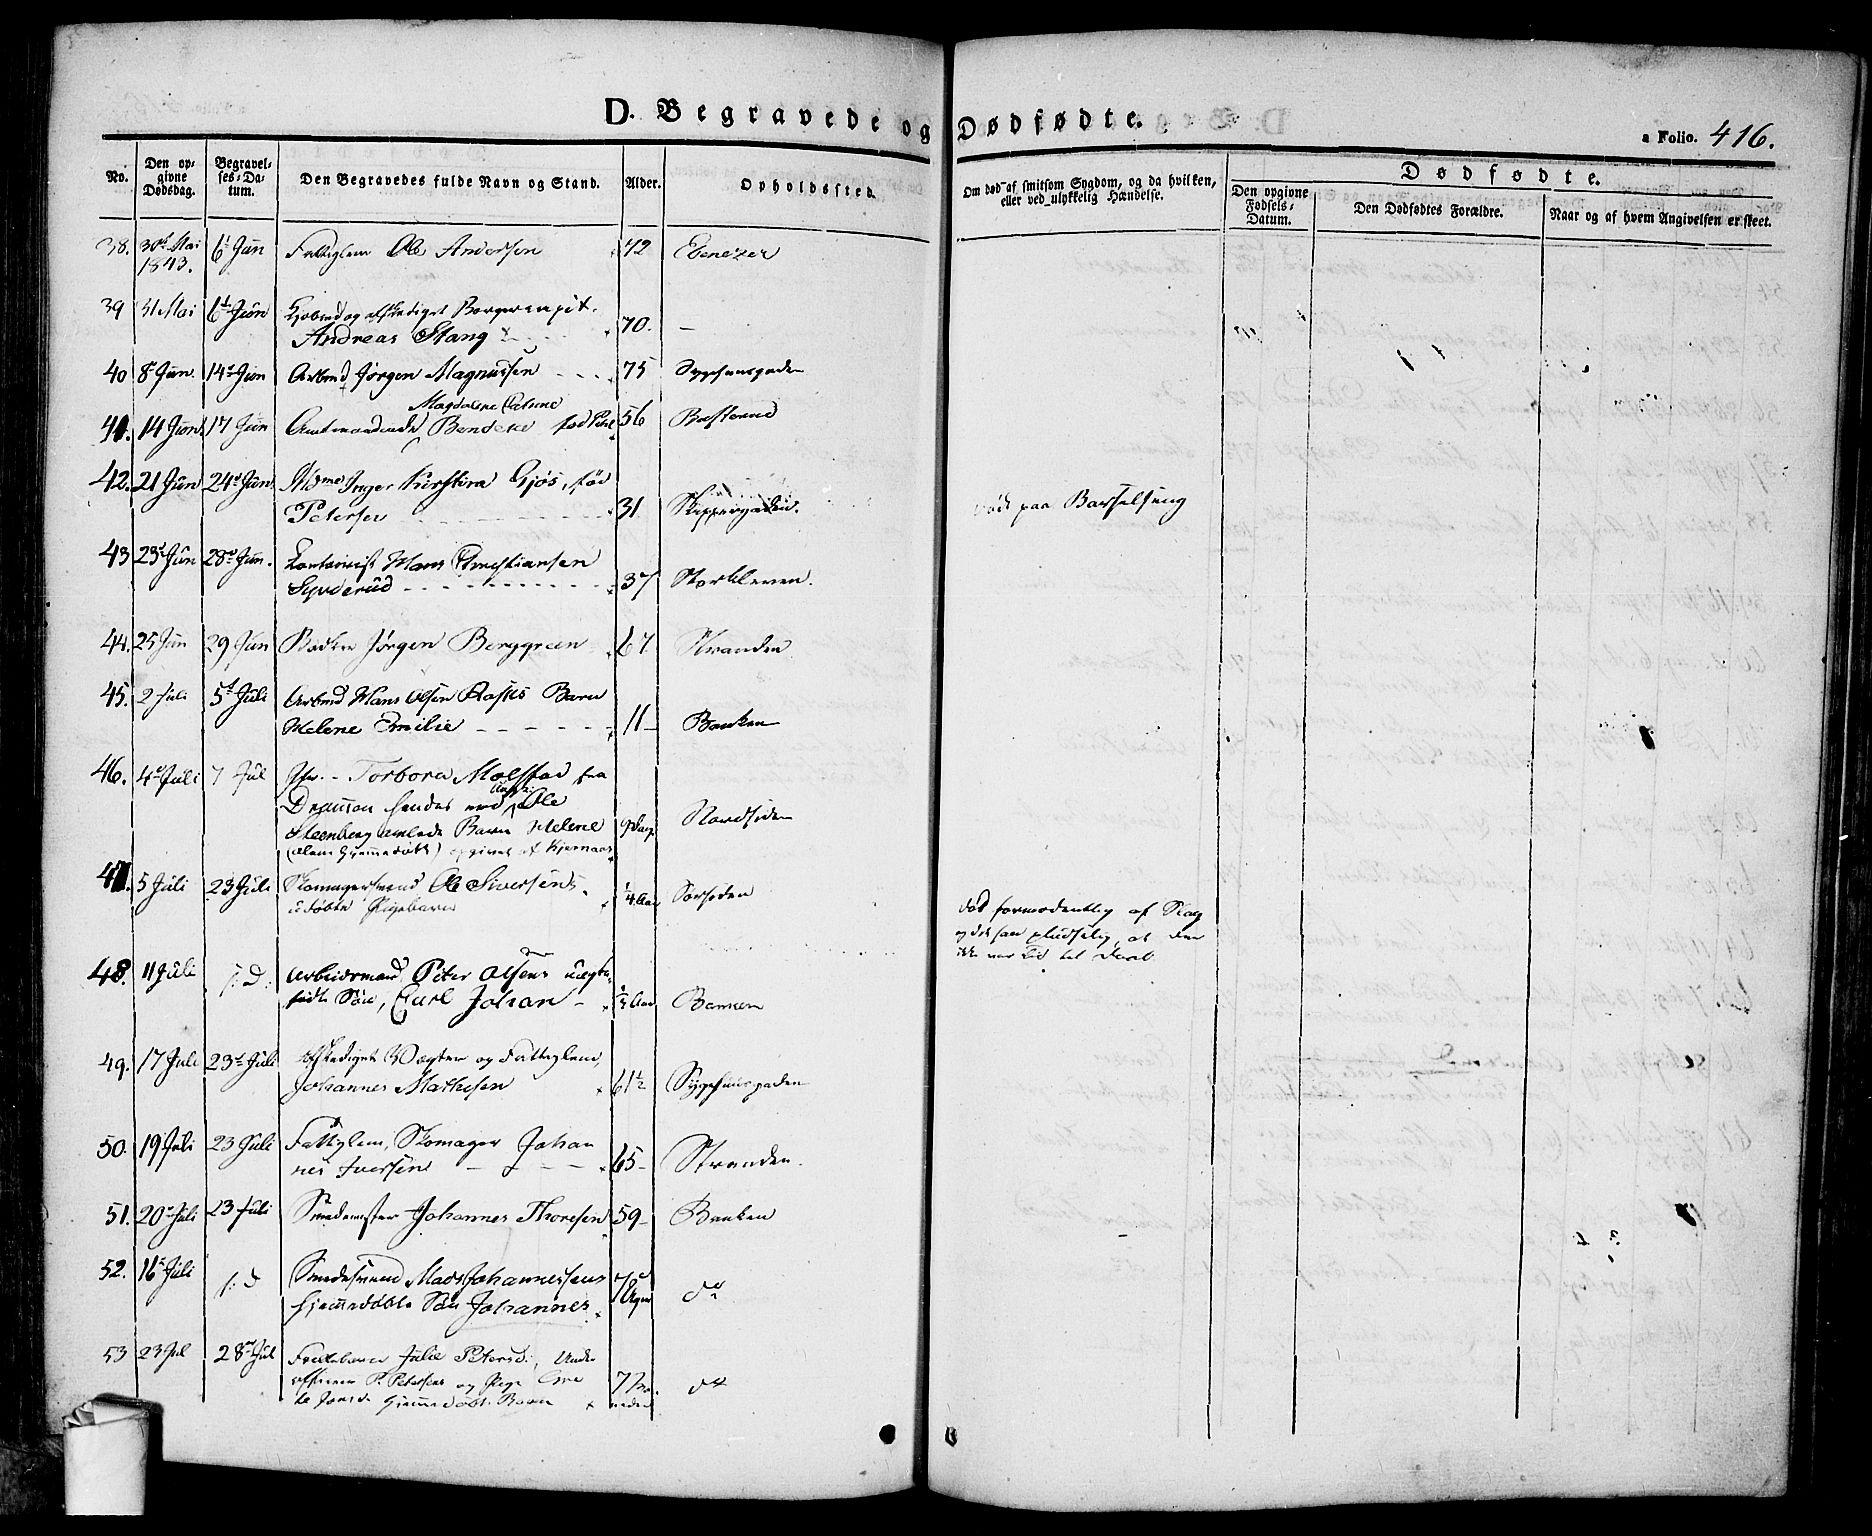 SAO, Halden prestekontor Kirkebøker, F/Fa/L0005: Ministerialbok nr. I 5, 1834-1845, s. 416